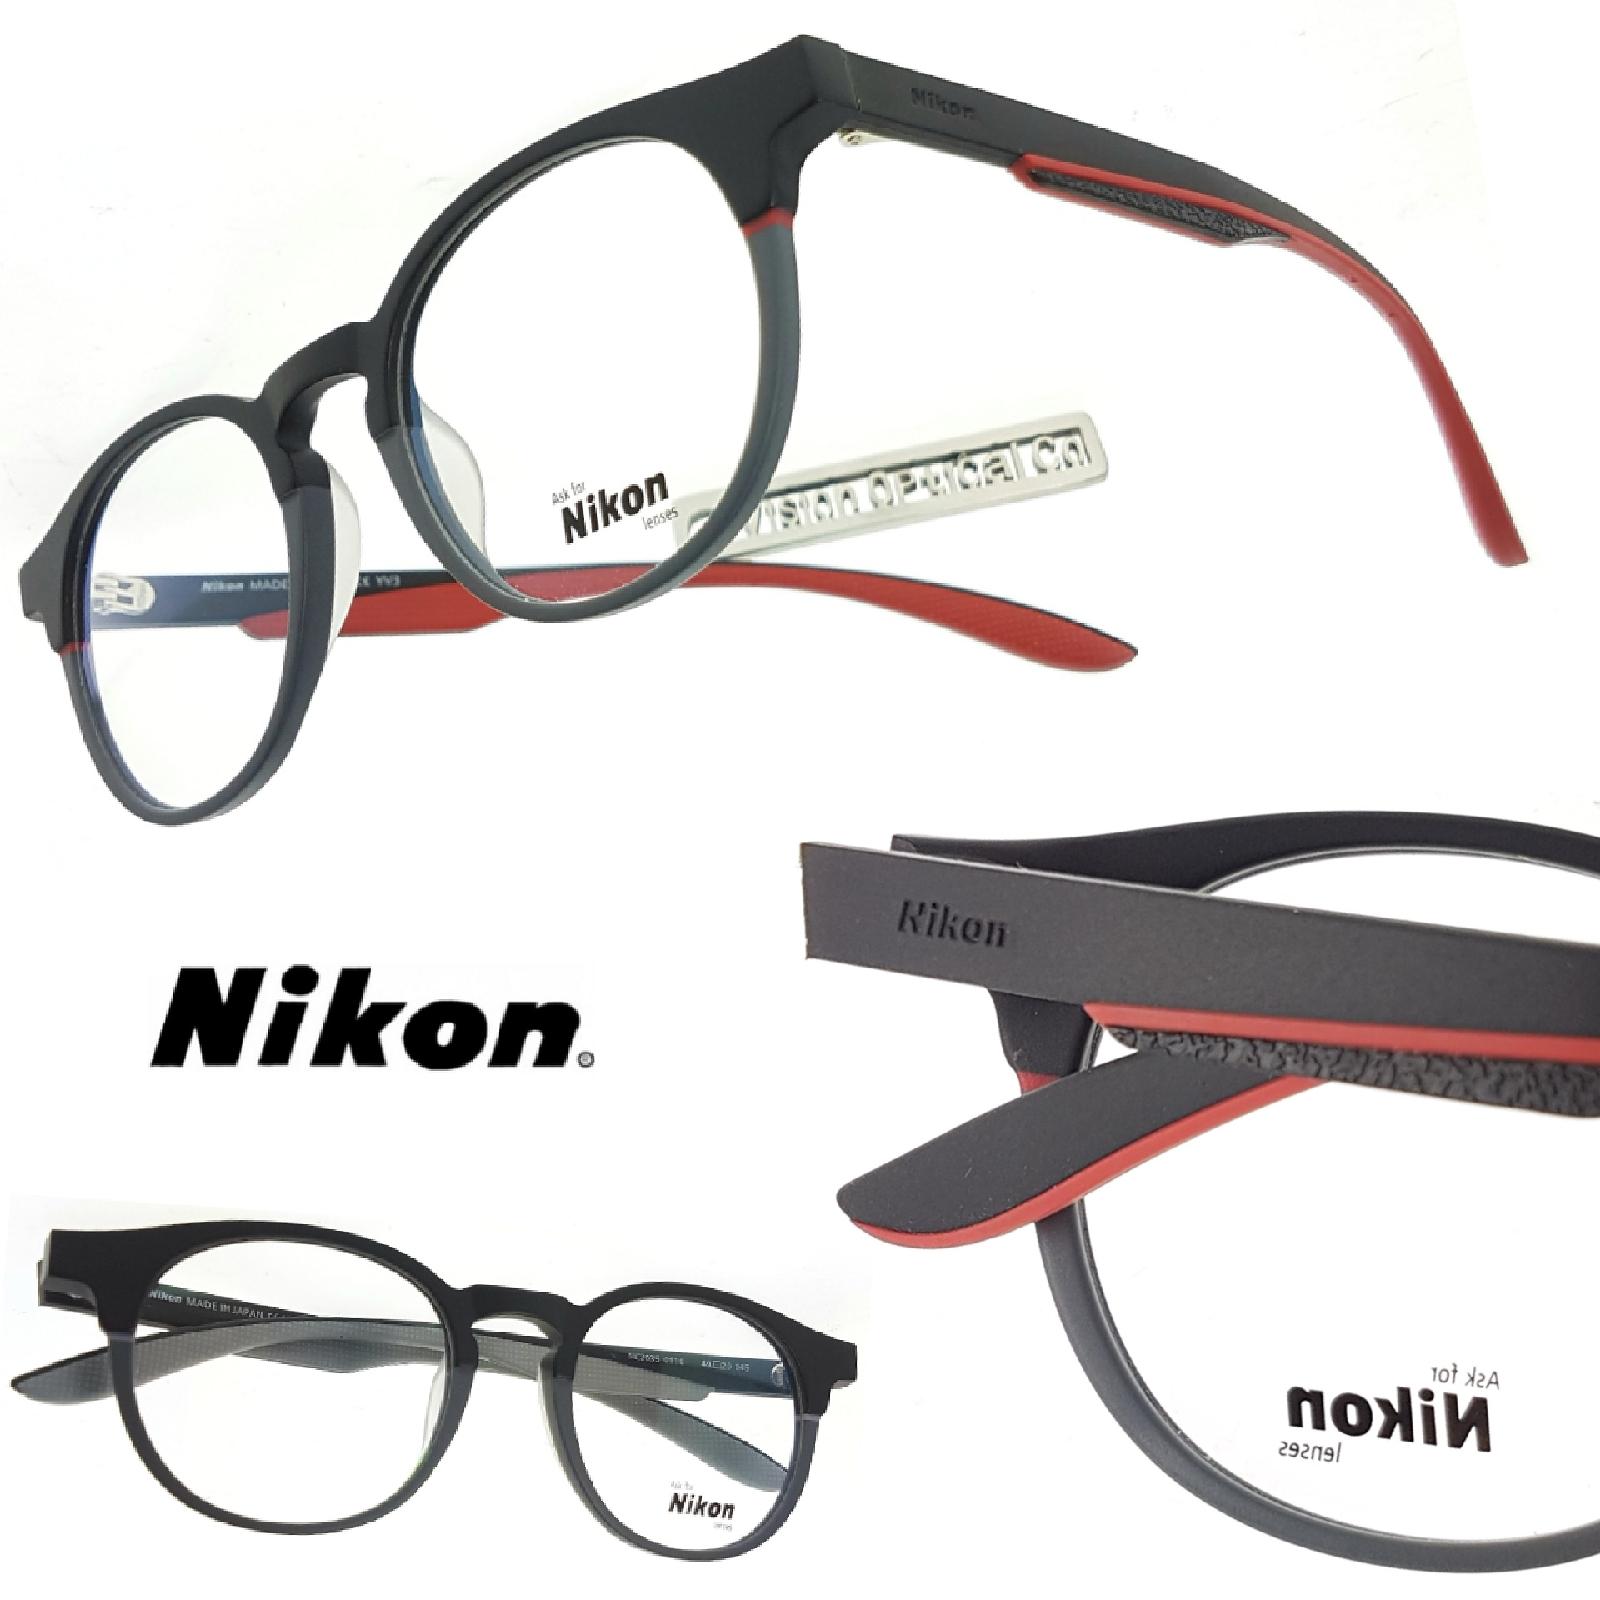 精明眼鏡公司: Nikon eyeglasses 2020